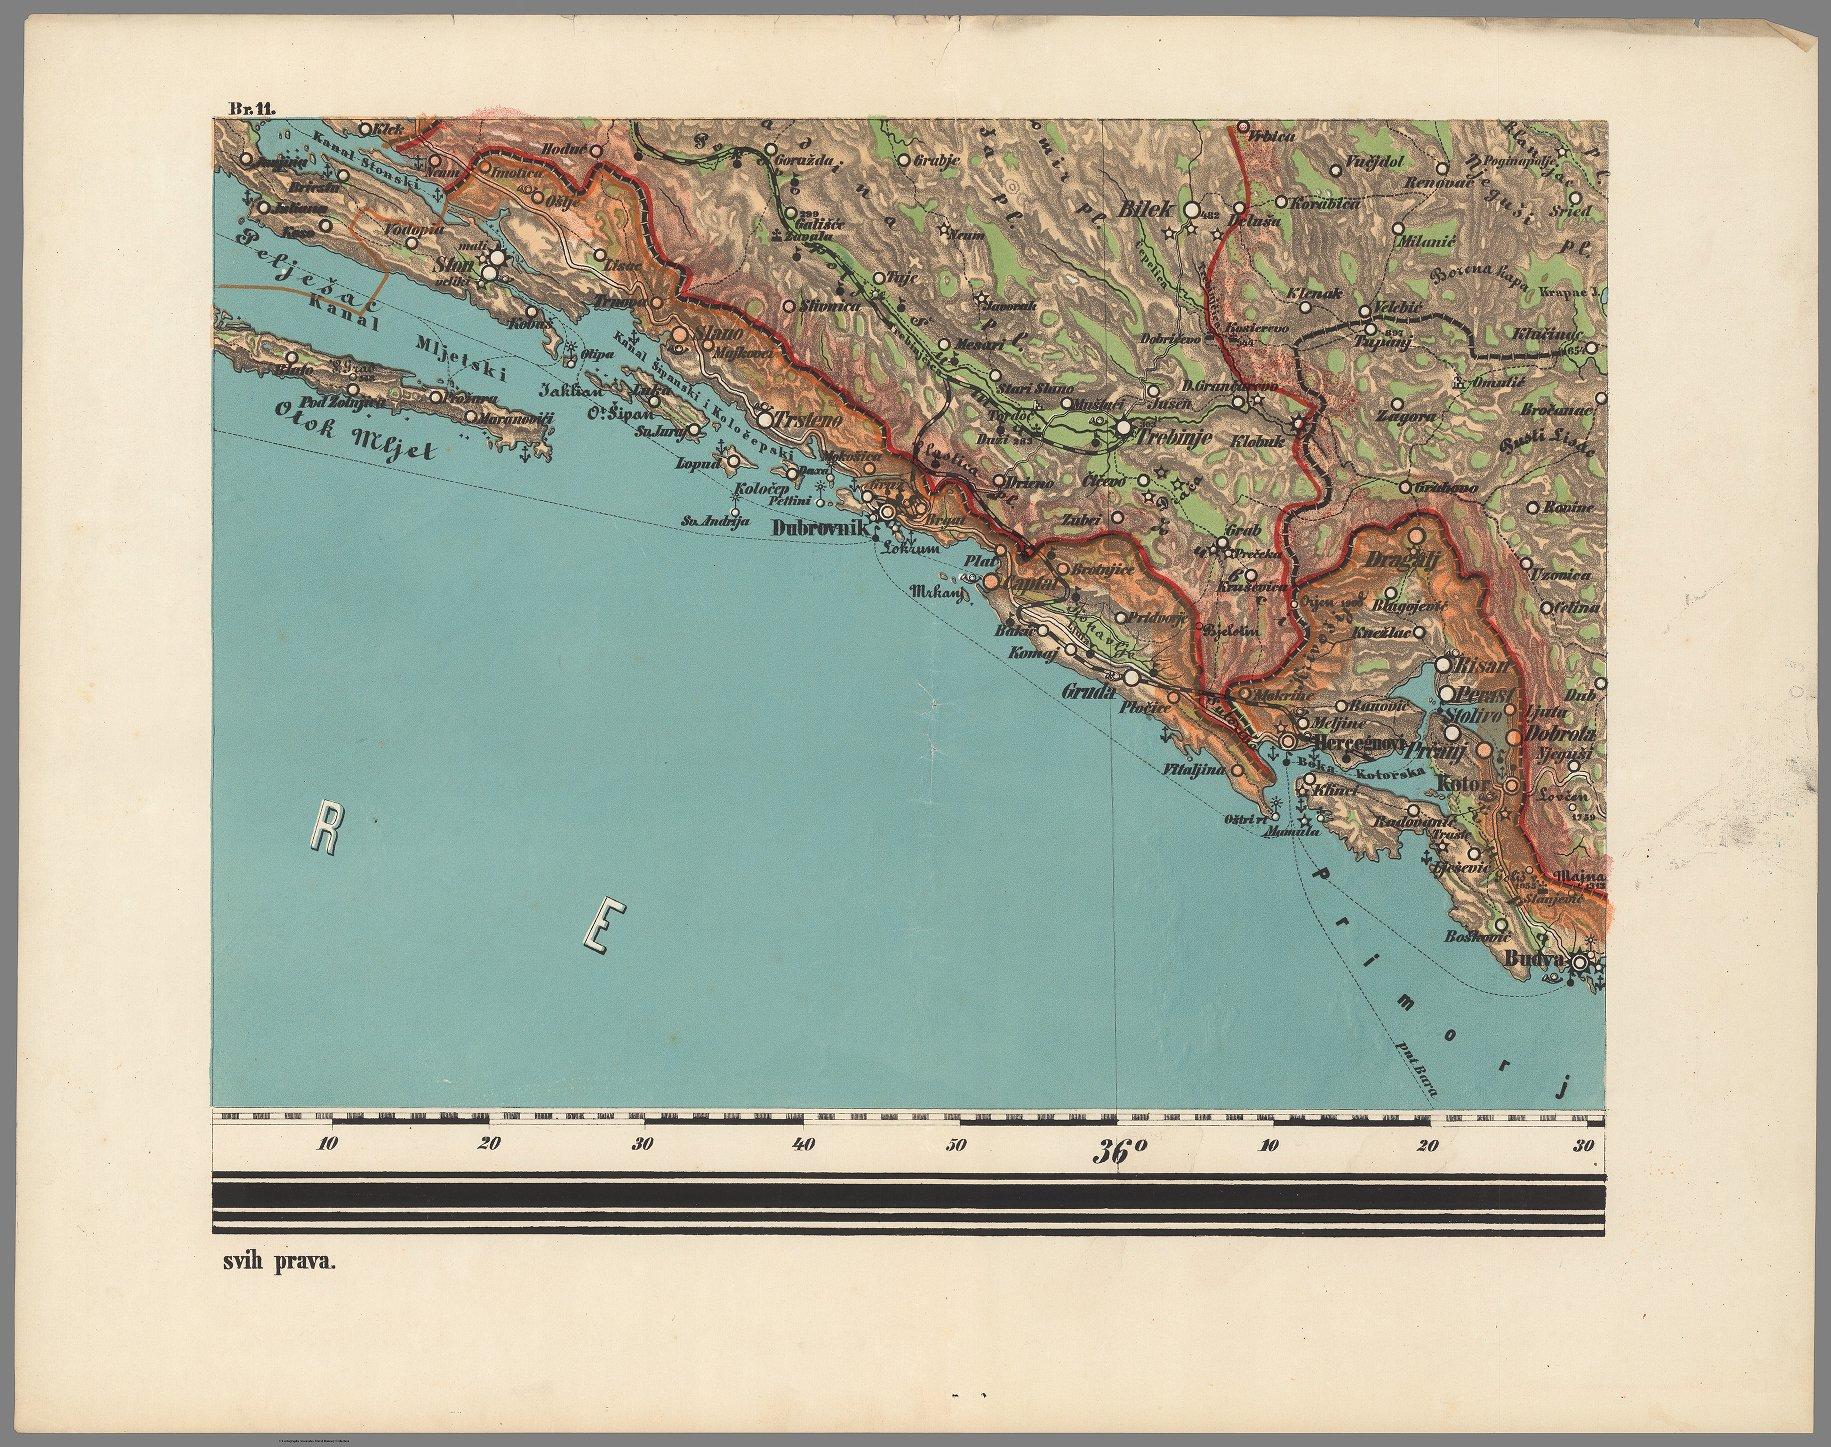 Old map showing Dubrovnik